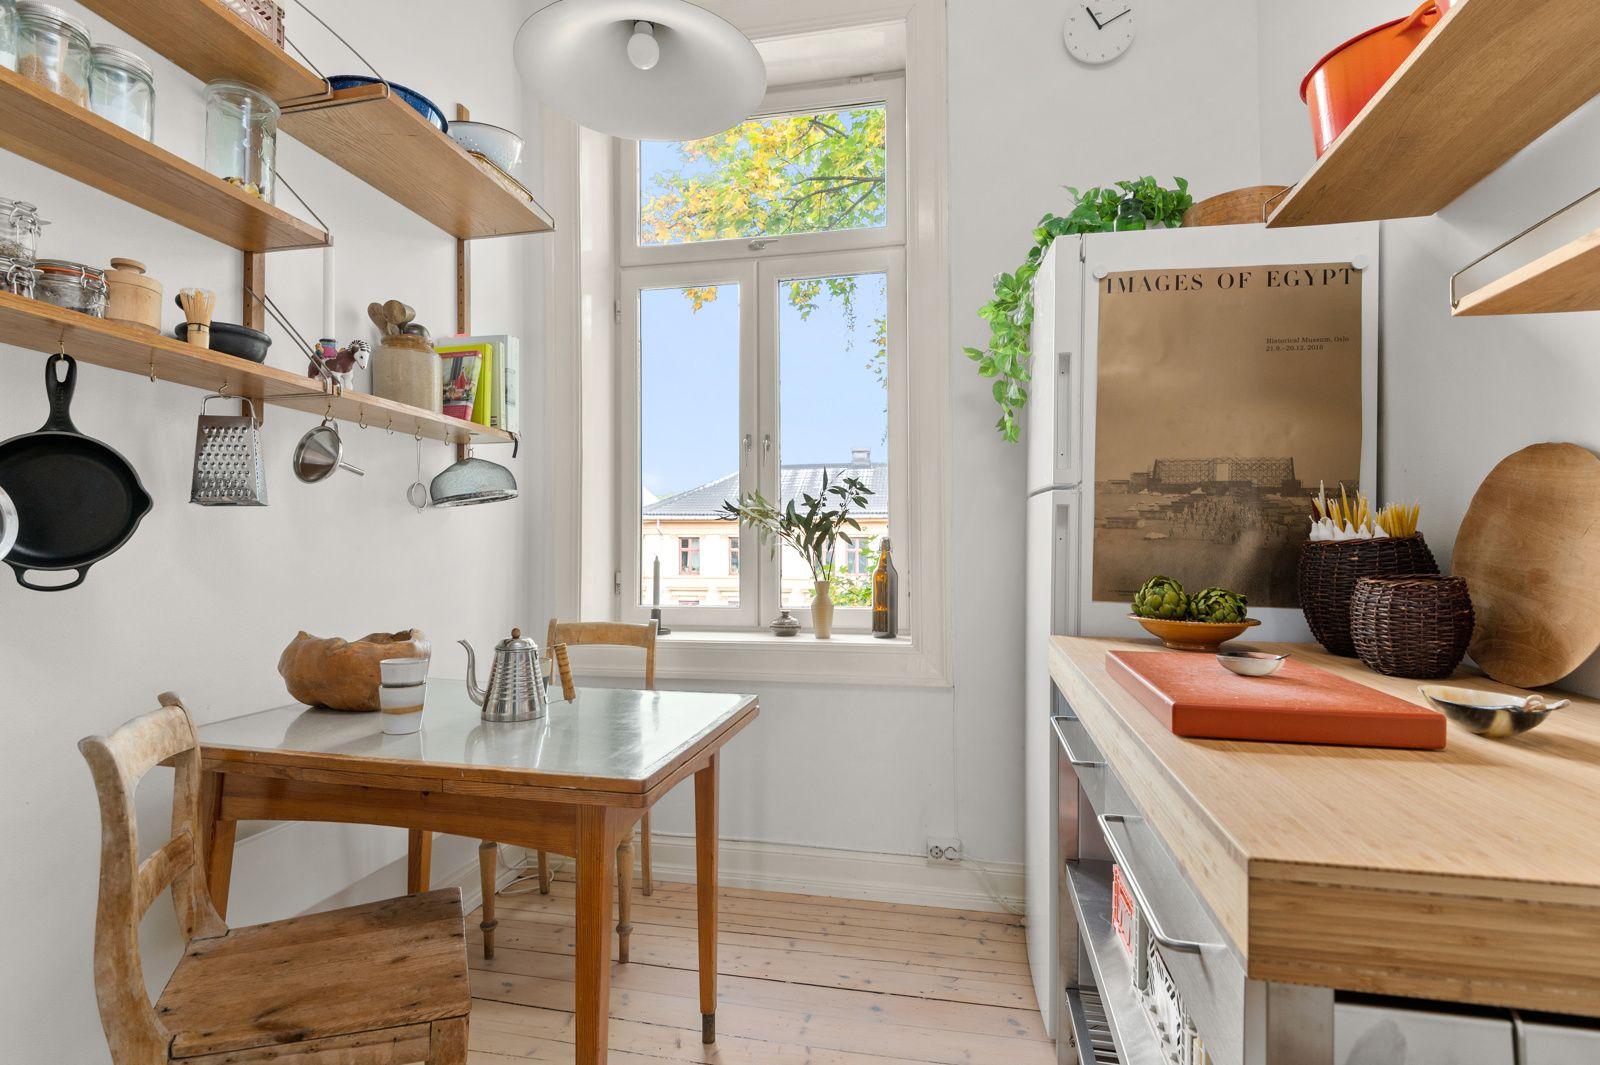 Arups gate 18 B - Kjøkkenet ligger separat fra stuen og har plass til spisebord med hyggelig utsikt -